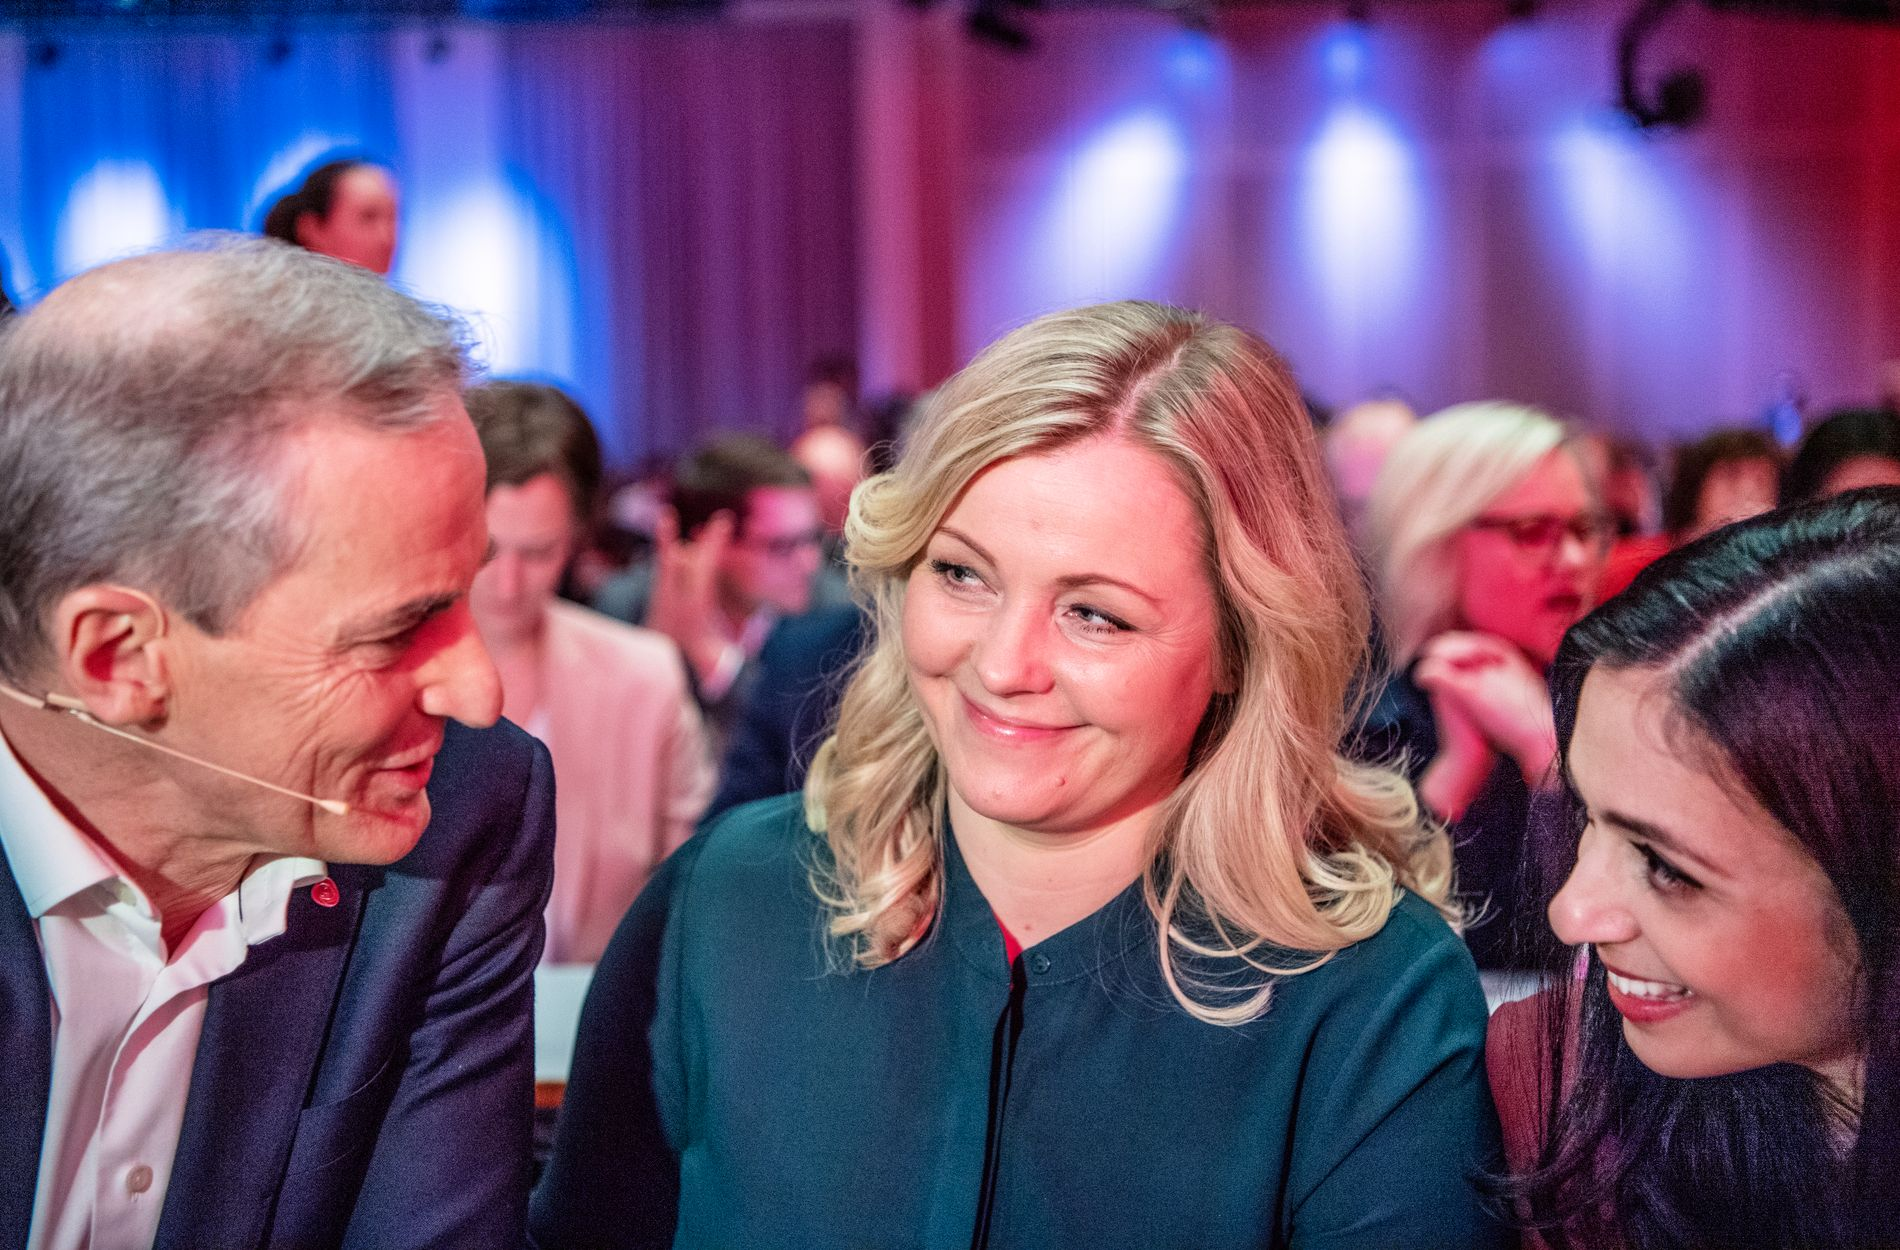 PARTISEKRETÆR: Partisekretær Kjersti Stenseng i Arbeiderpartiet (midten), her sammen med leder Jonas Gahr Støre og Hadia Tajik.